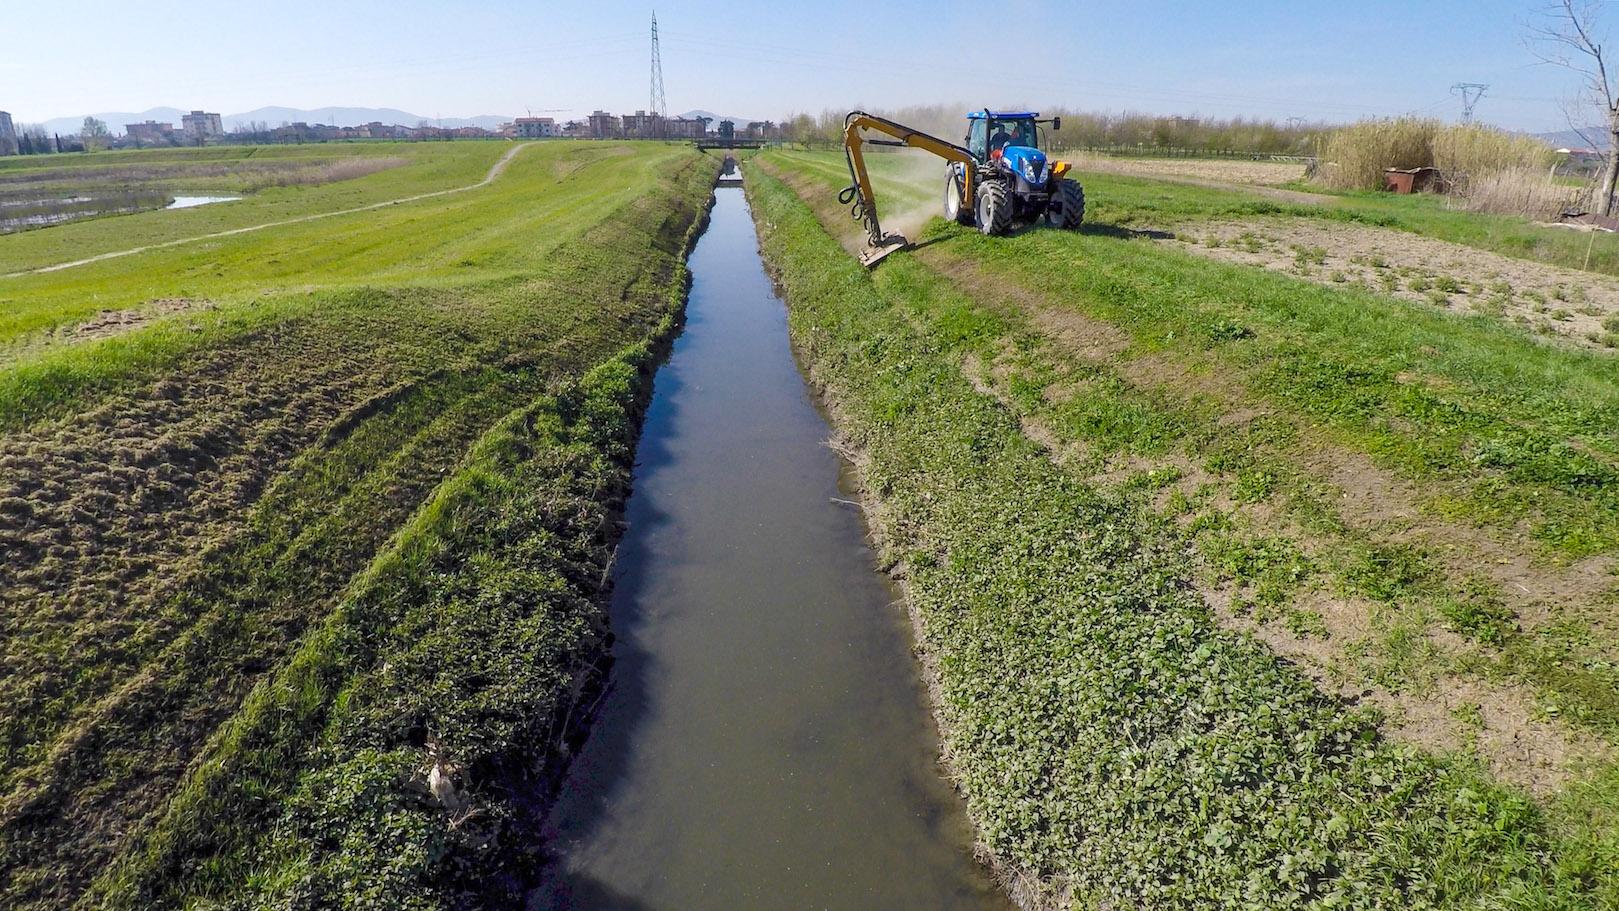 Interventi corsi d'acqua e argini (Foto da comunicato)